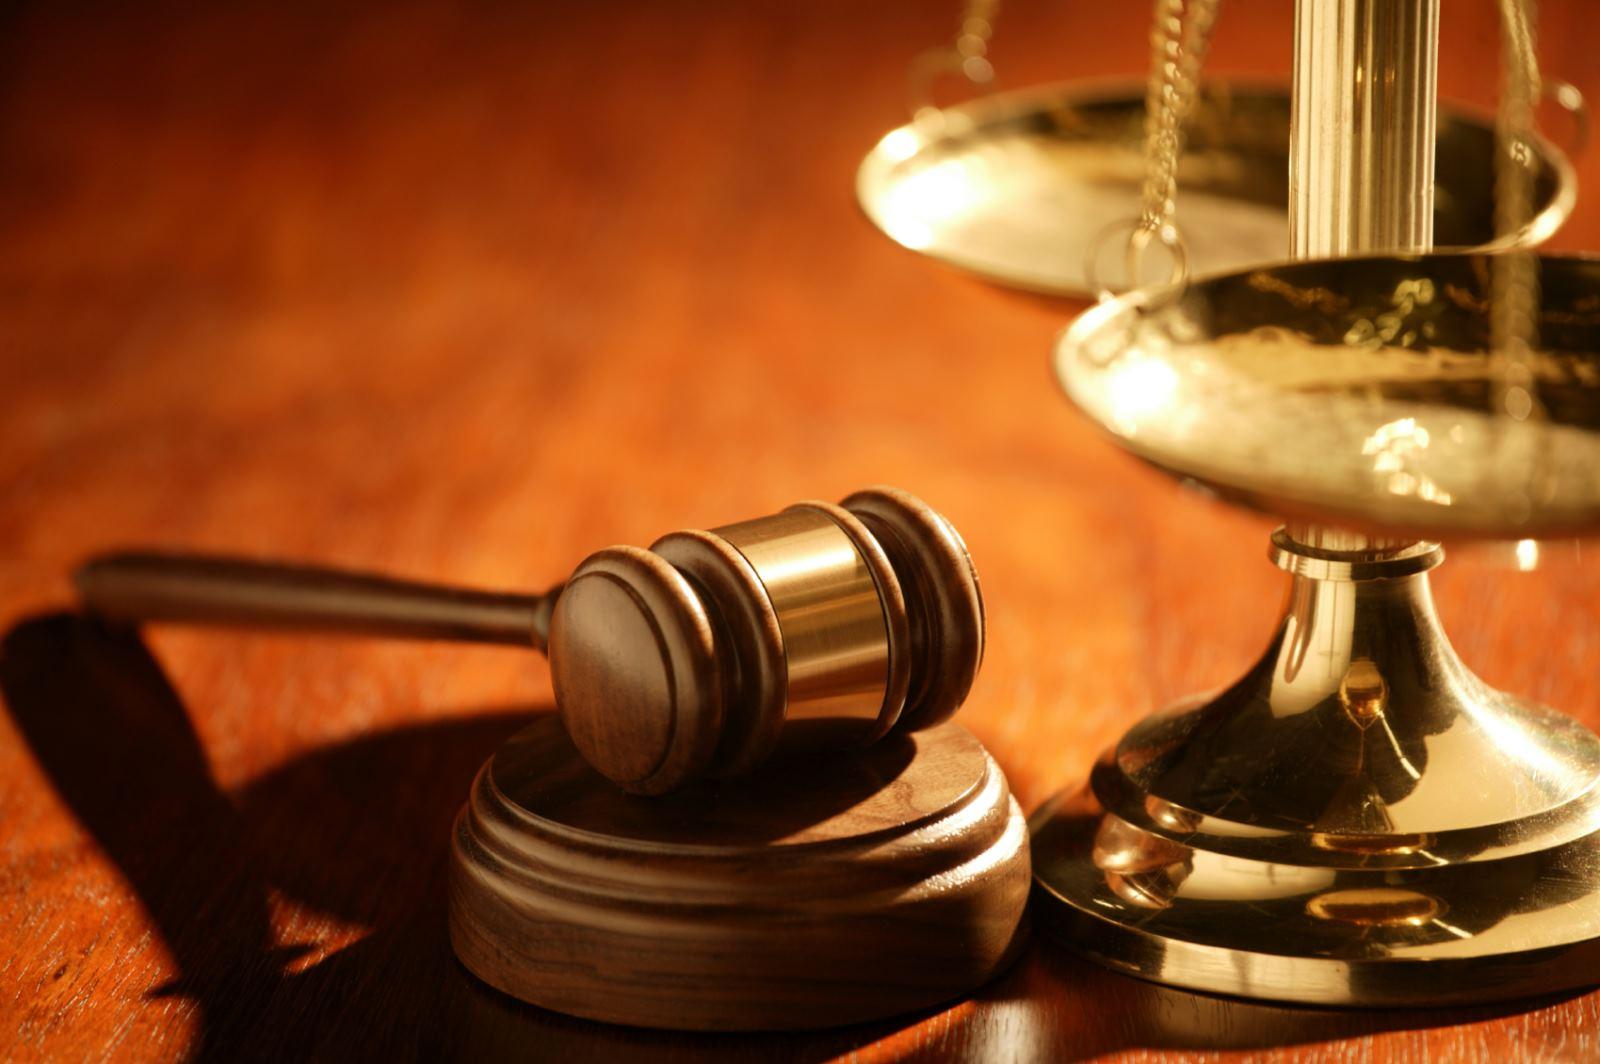 Суд по делу Кернеса. Служители Фемиды попали впросак из-за журналистов